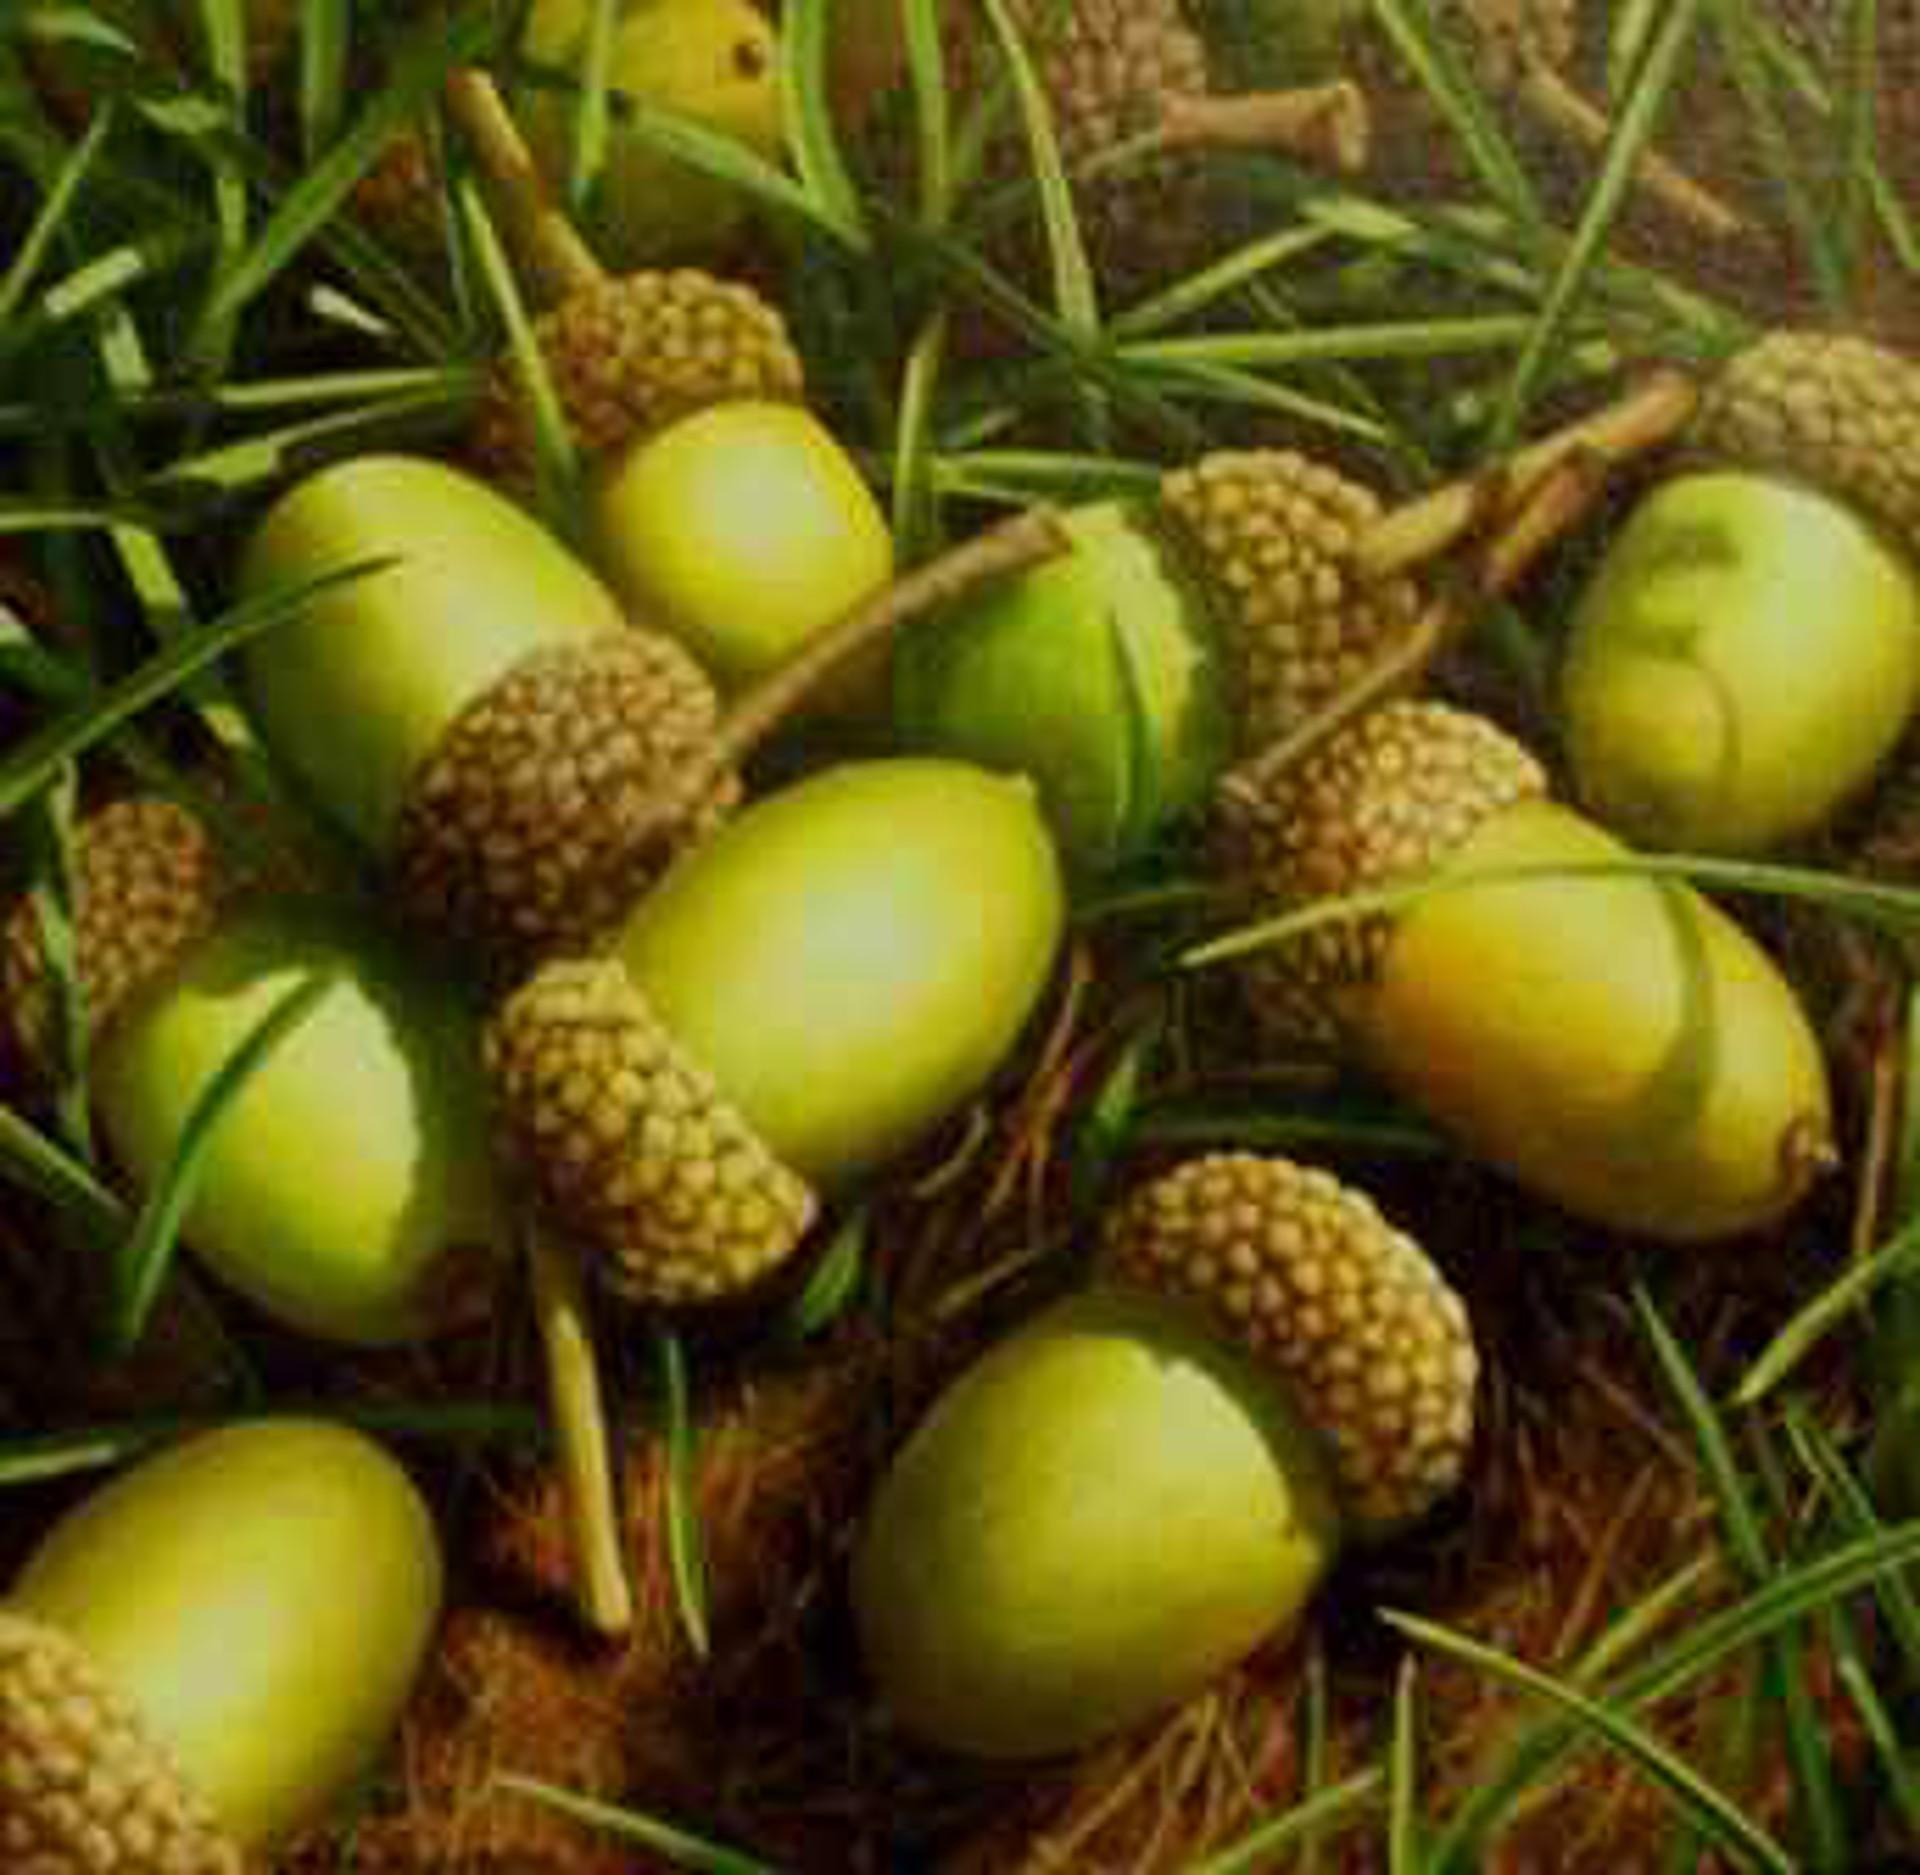 Acorns and Grass by Loren DiBenedetto